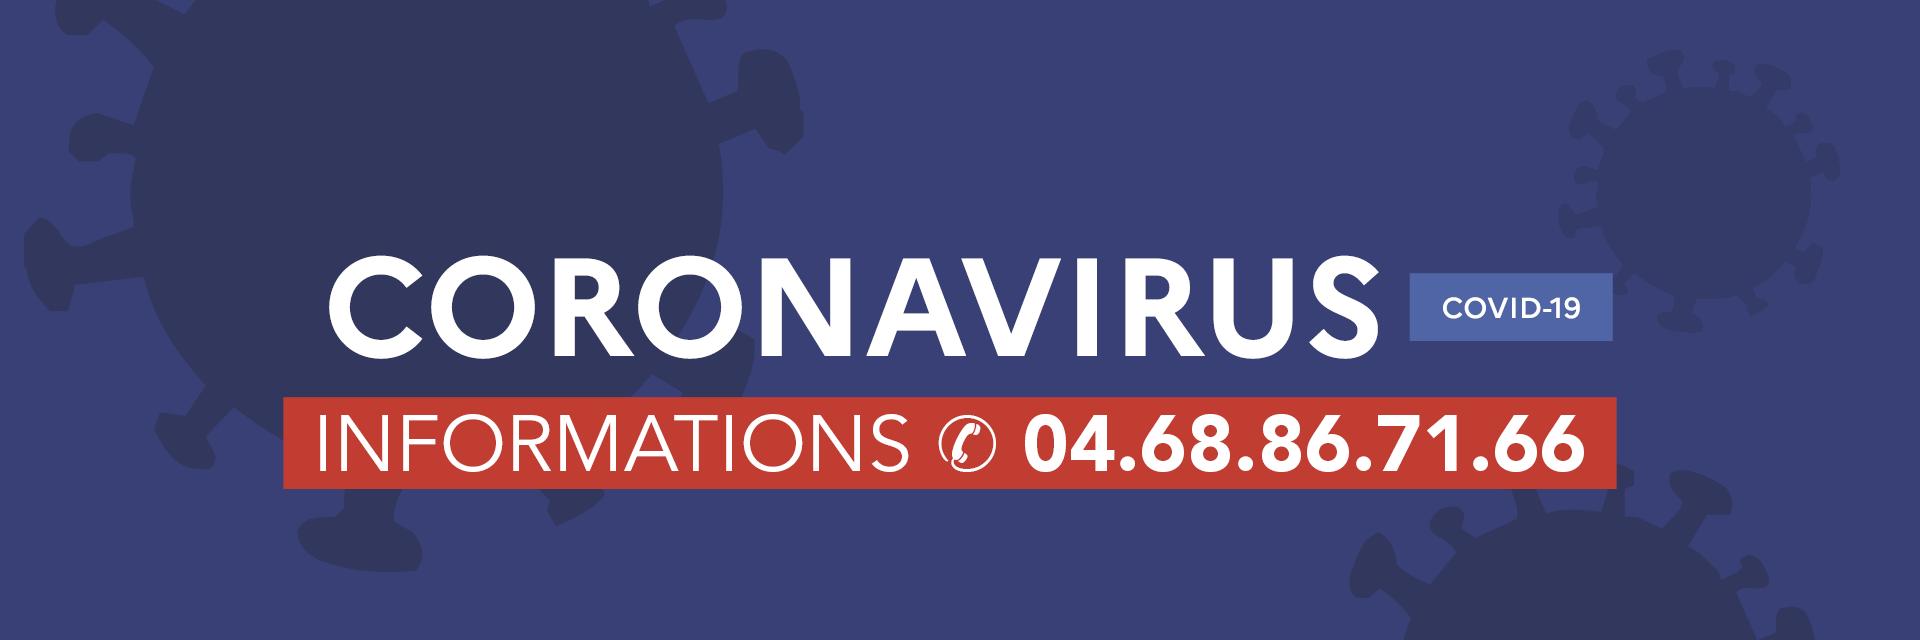 Bandeau Coronavirus